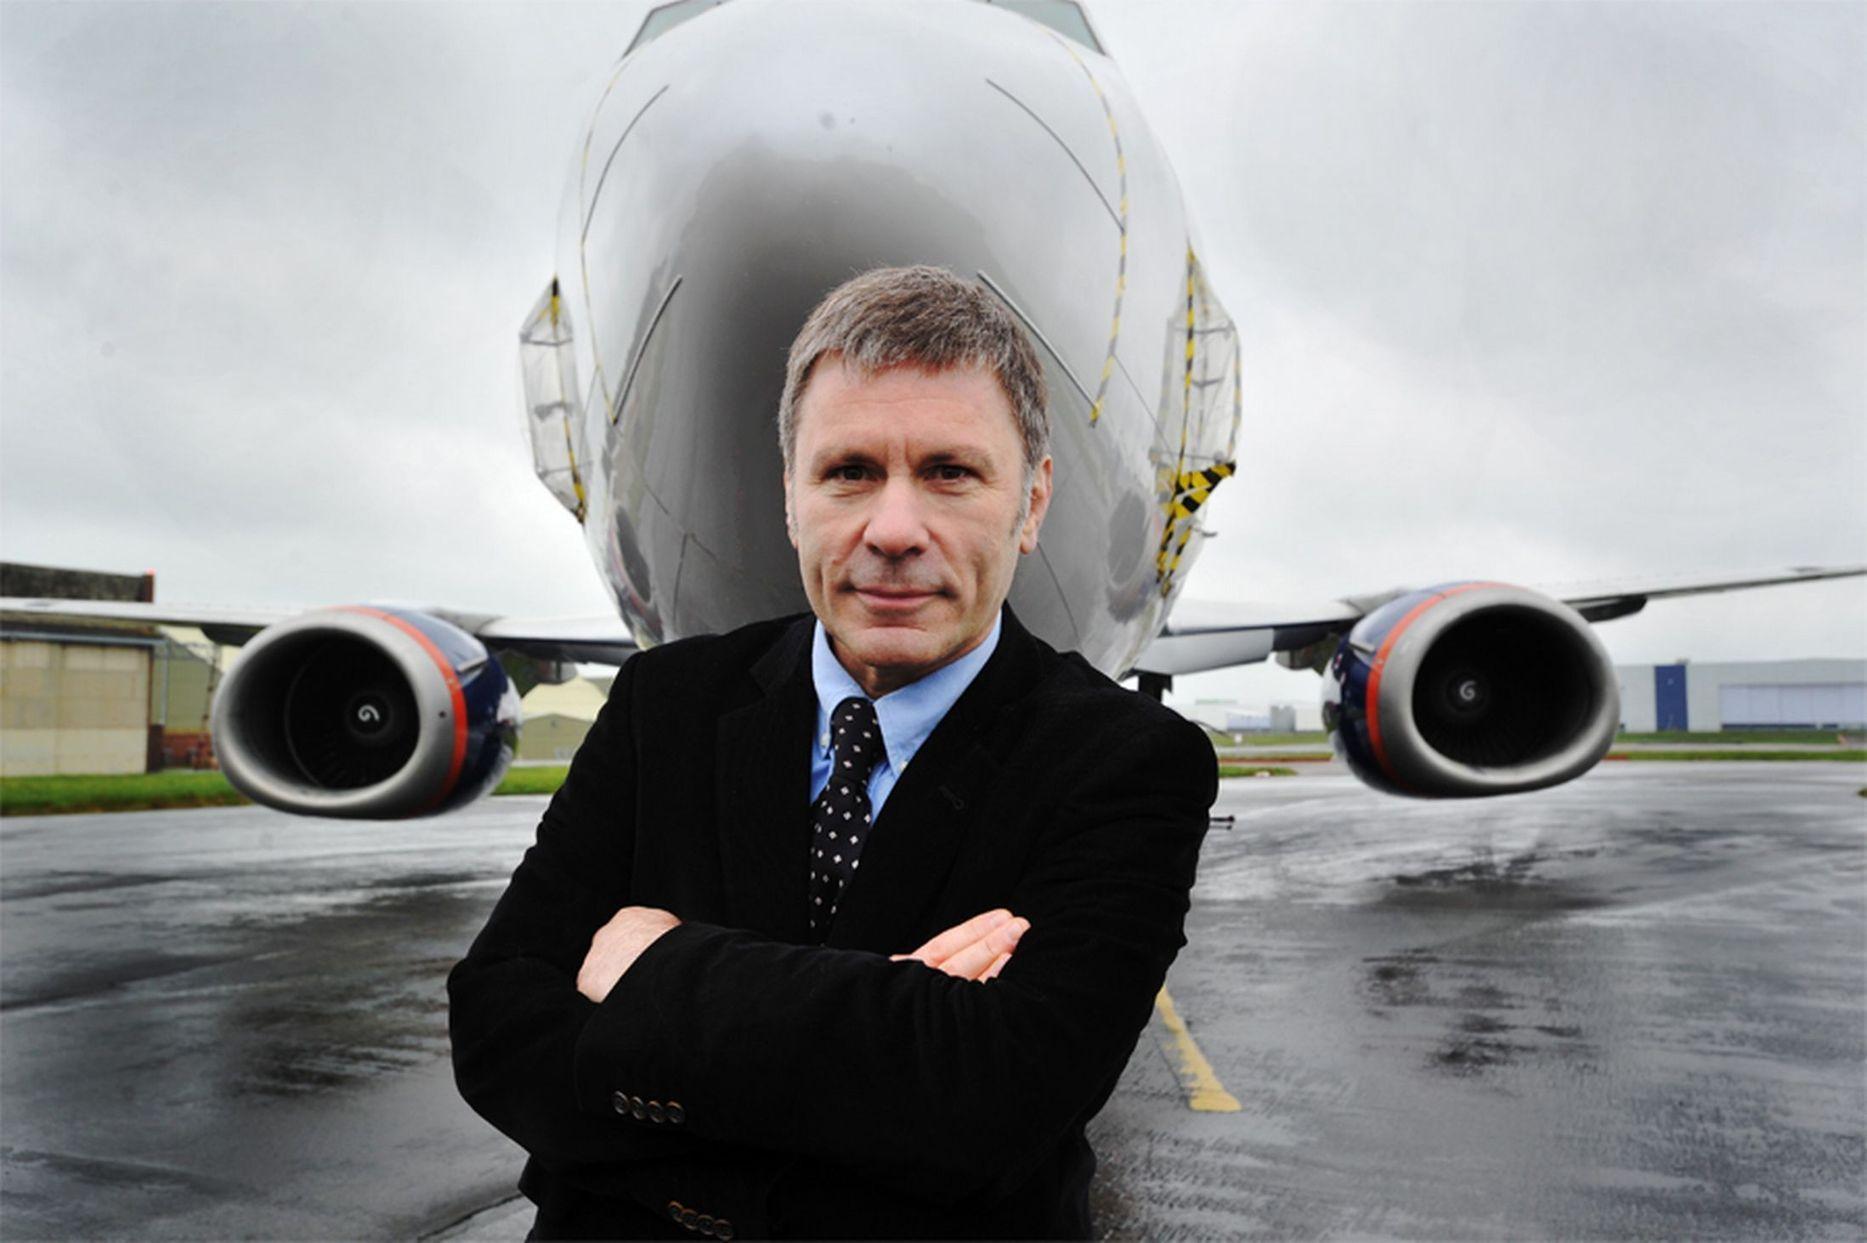 Bruce Dickinson er flykaptjan og medjer af Cardiff Aviation, når han ikke turnerer med Iron Maiden. (Foto: Cardiff Aviation)